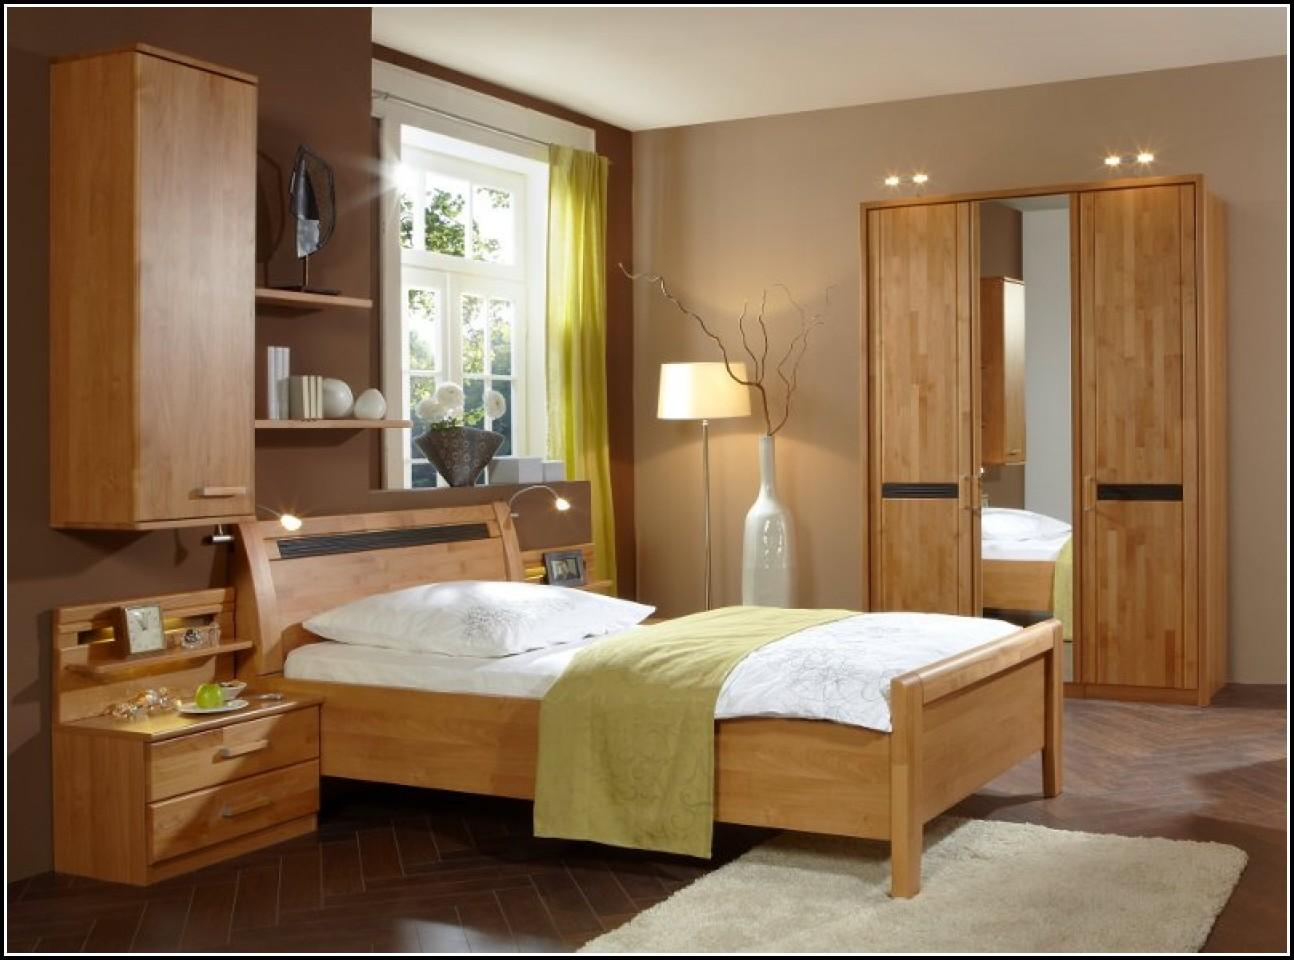 Full Size of Loddenkemper Navaro Schrank Schlafzimmer Kommode Bett Wohnzimmer Loddenkemper Navaro